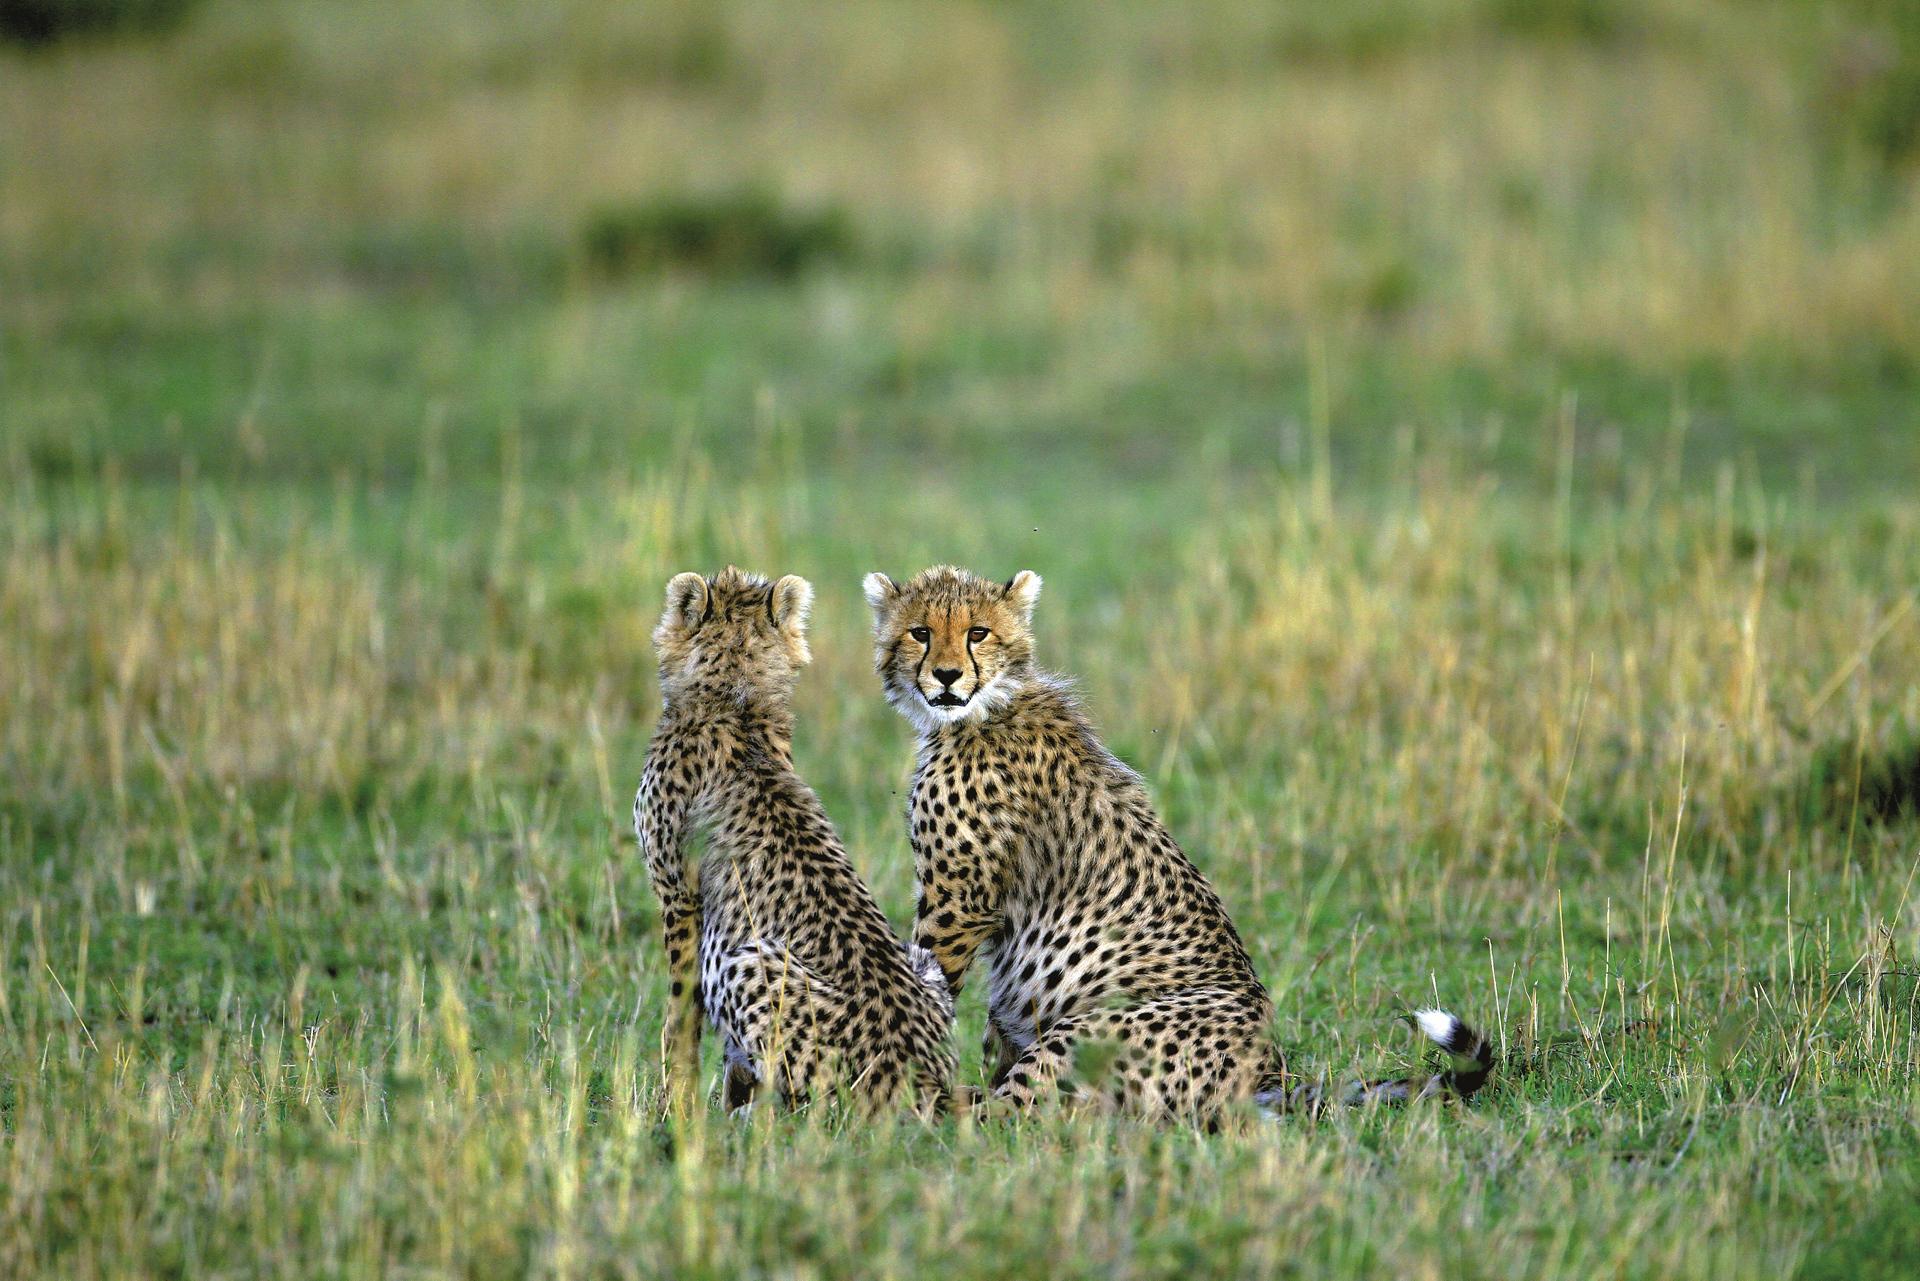 Junge Geparden in der Savanne